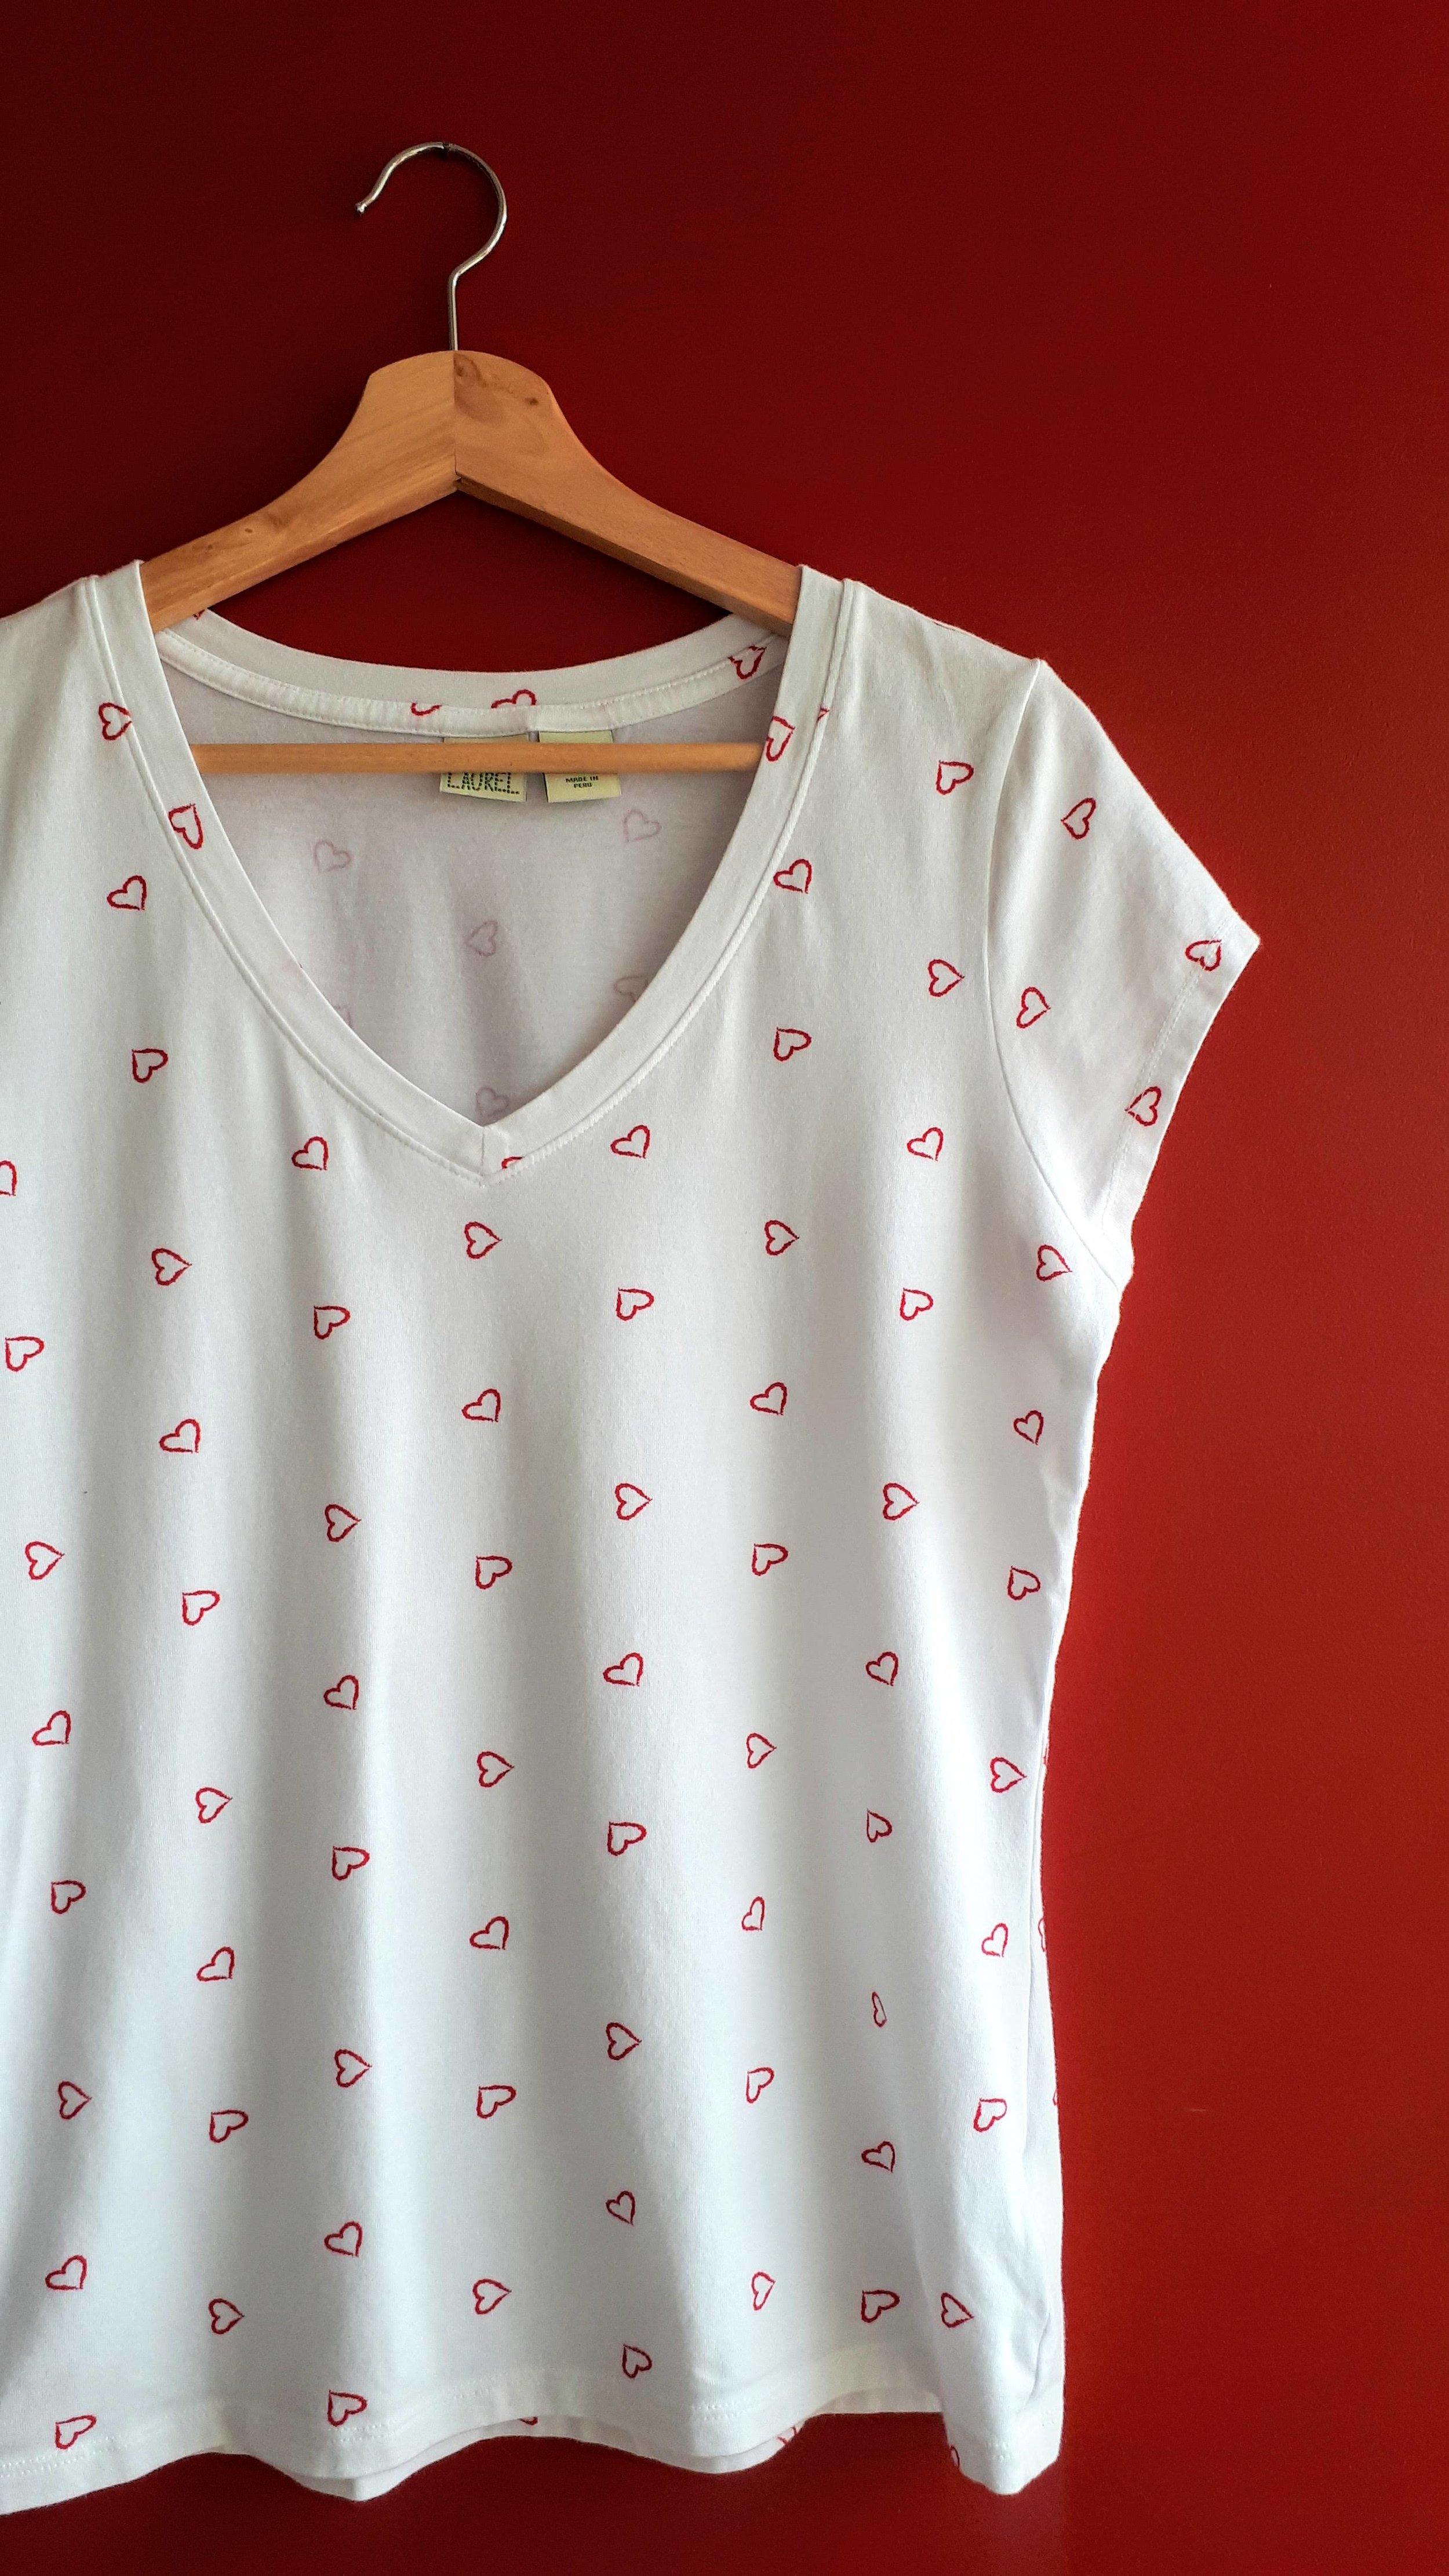 Lucy & Laurel shirt; Size M, $18